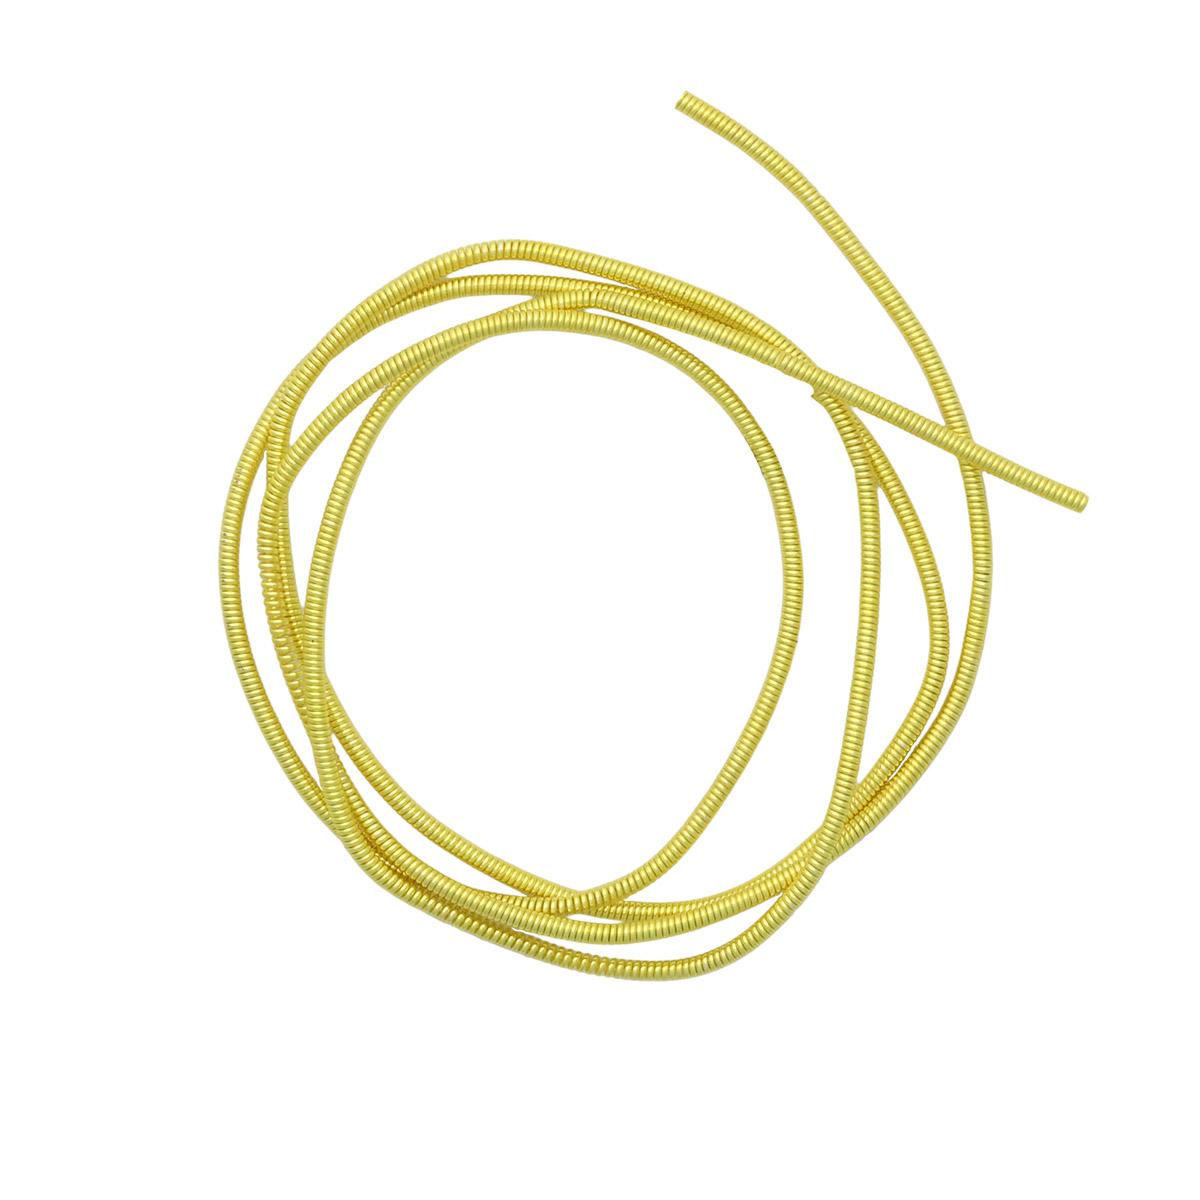 КЖ011НН1 Канитель жесткая Желтый 1 мм, 5 гр. +/- 0,1 гр.